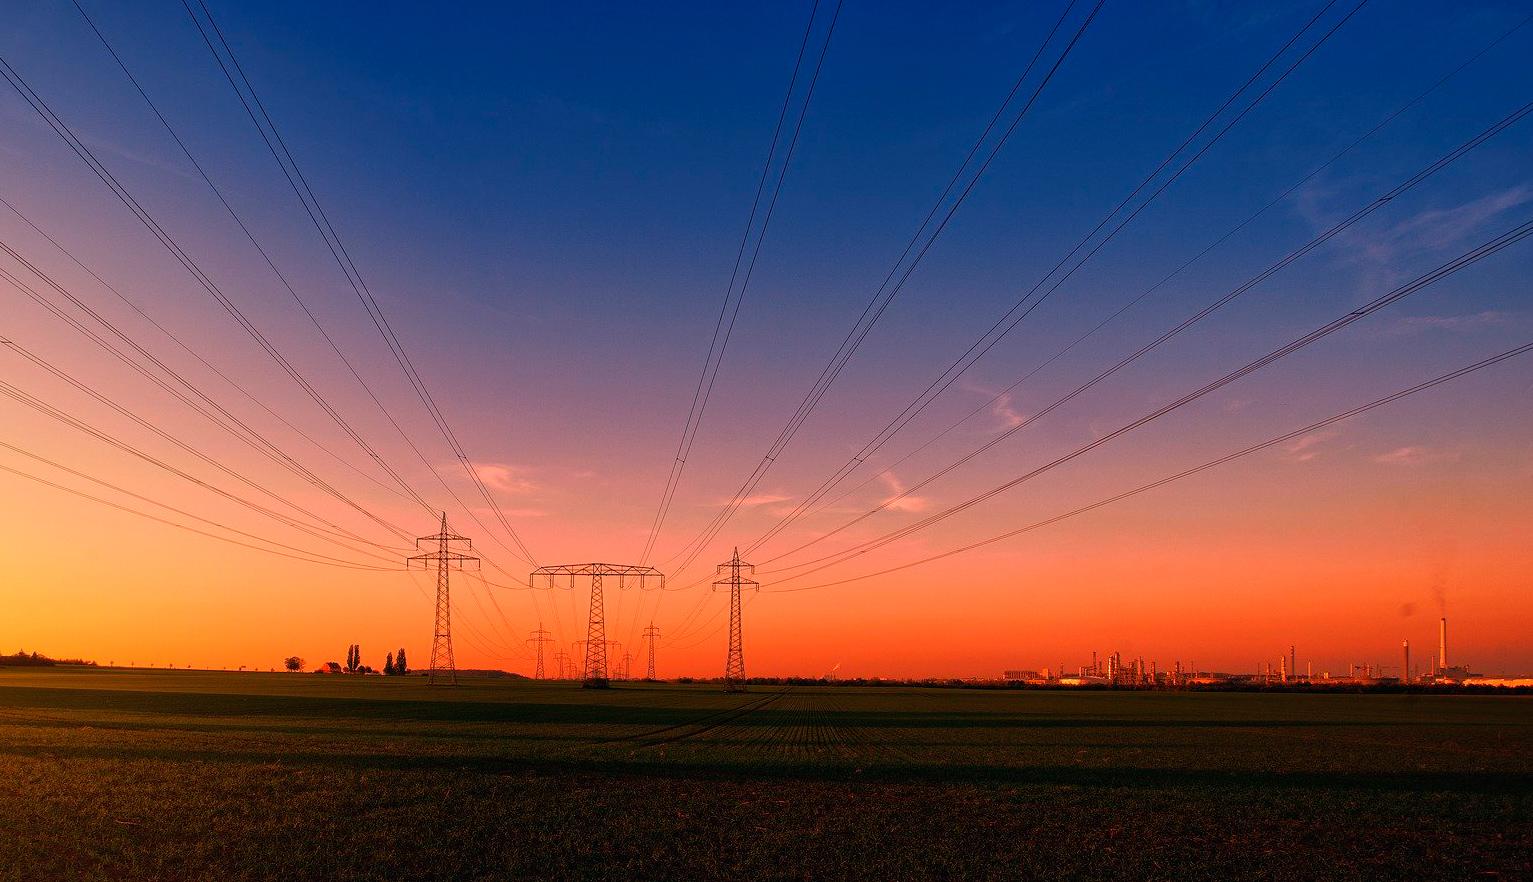 La electrificación es una tendencia que beneficia al sector de material eléctrico.